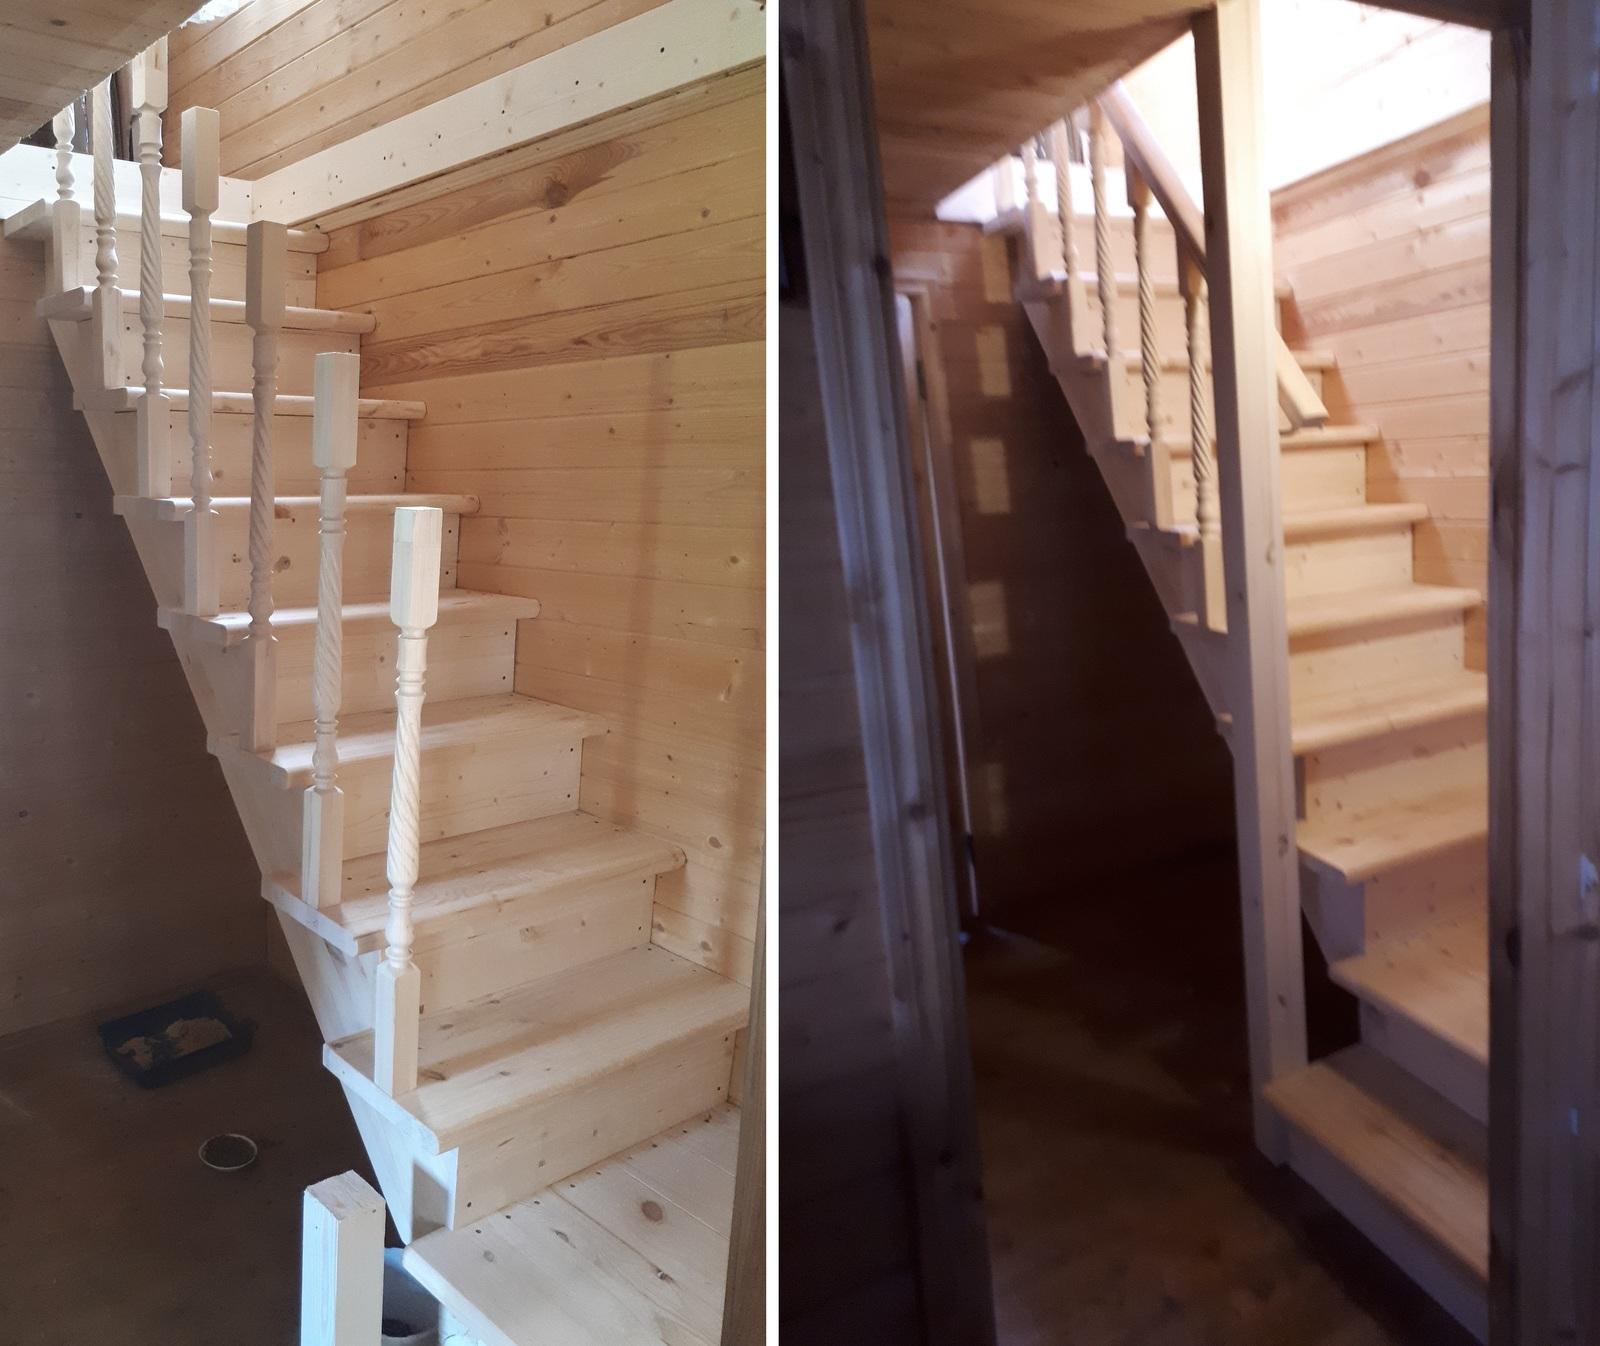 создаст ощущение лестница своими руками пошаговая инструкция фото штат